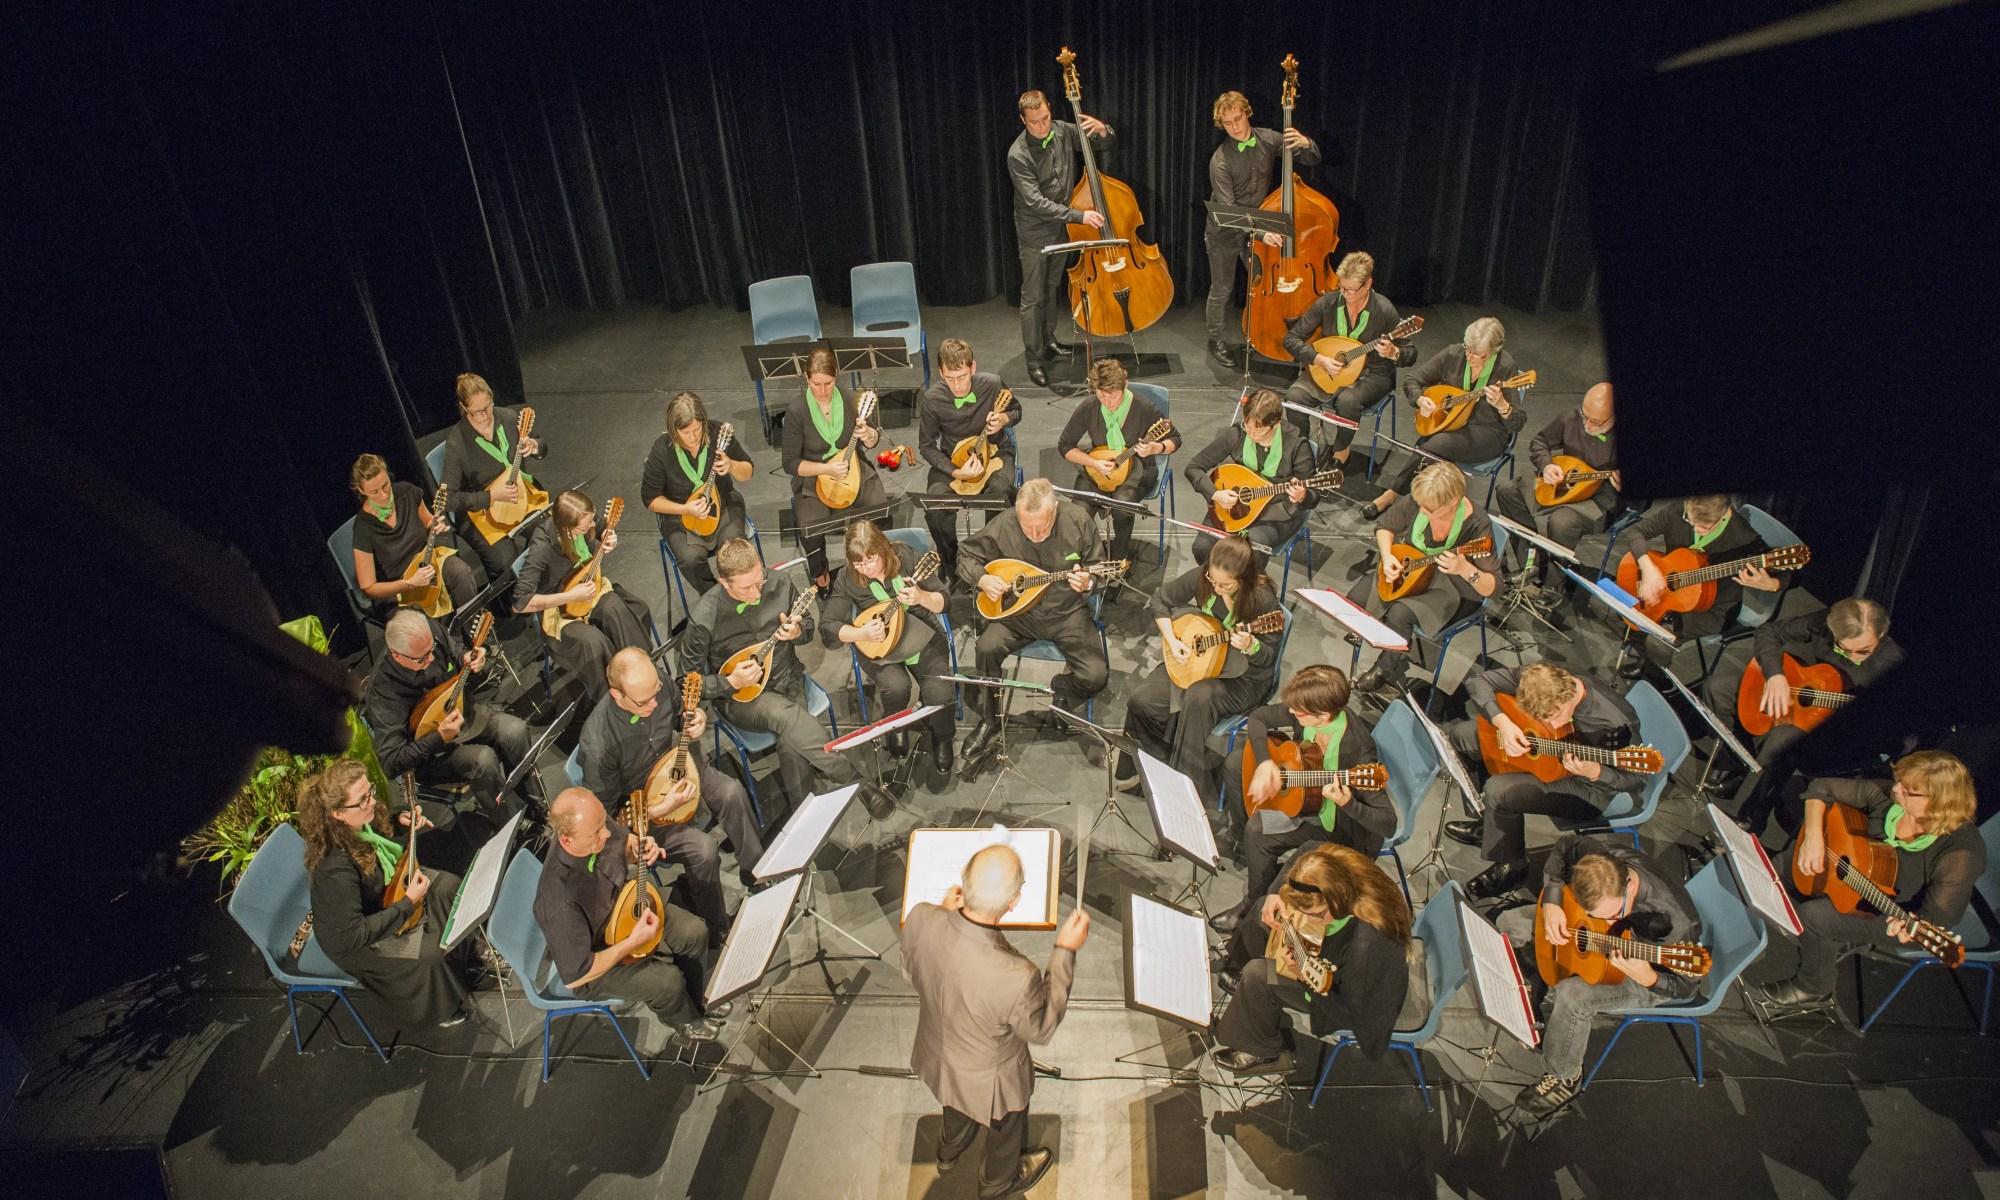 BMO onder leiding van Marcel De Cauwer tijdens de jubileumconcerten in 2015